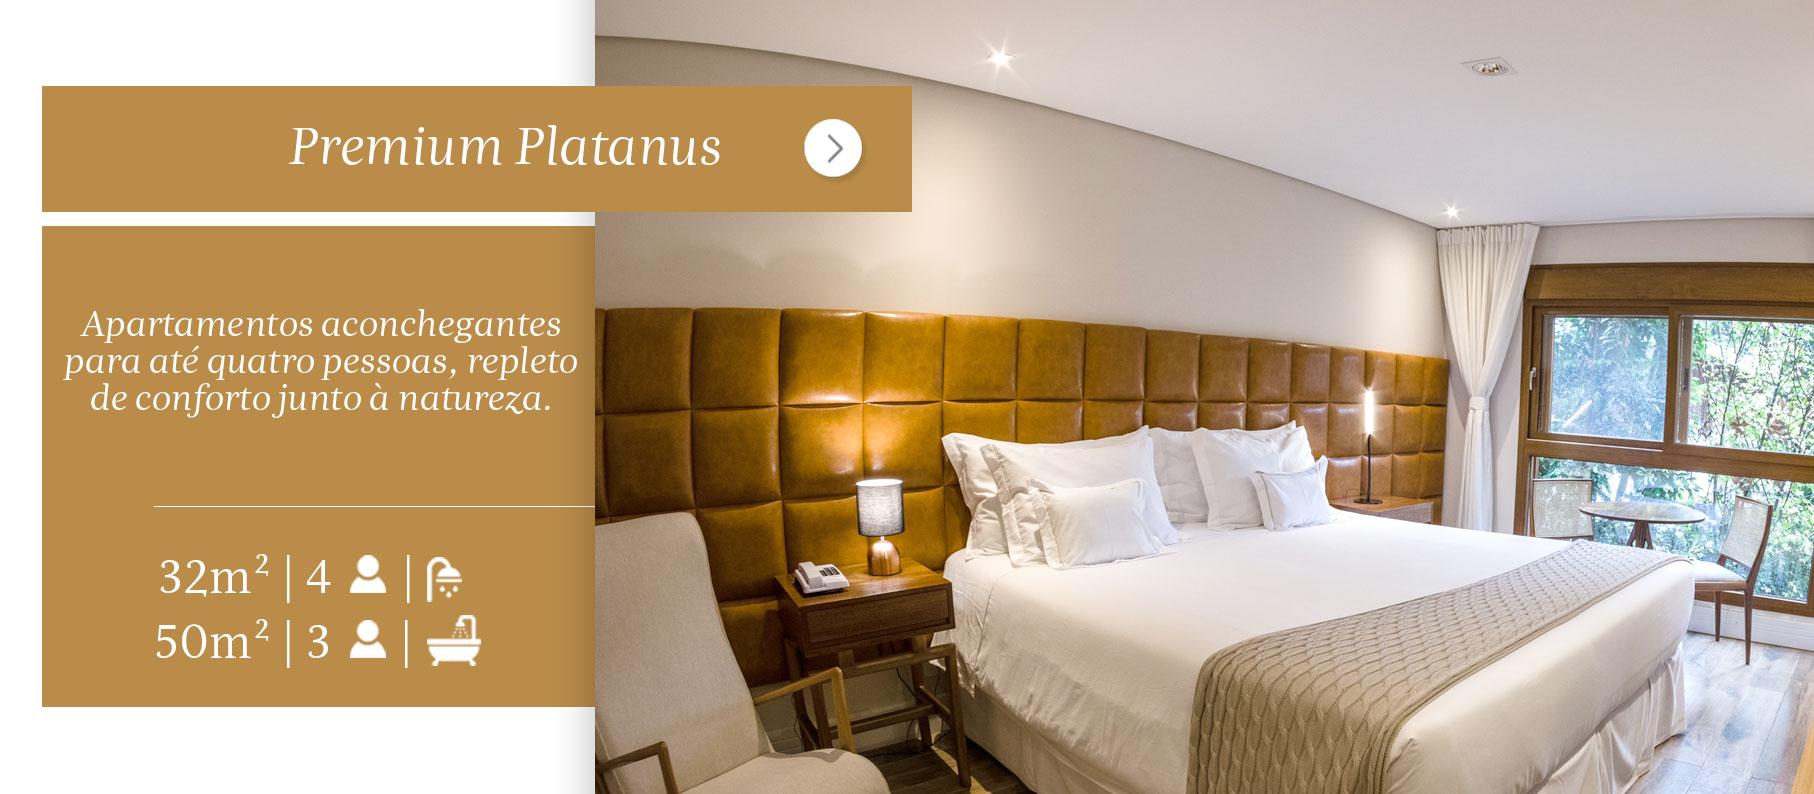 Platanus Hotel Quebra-Noz